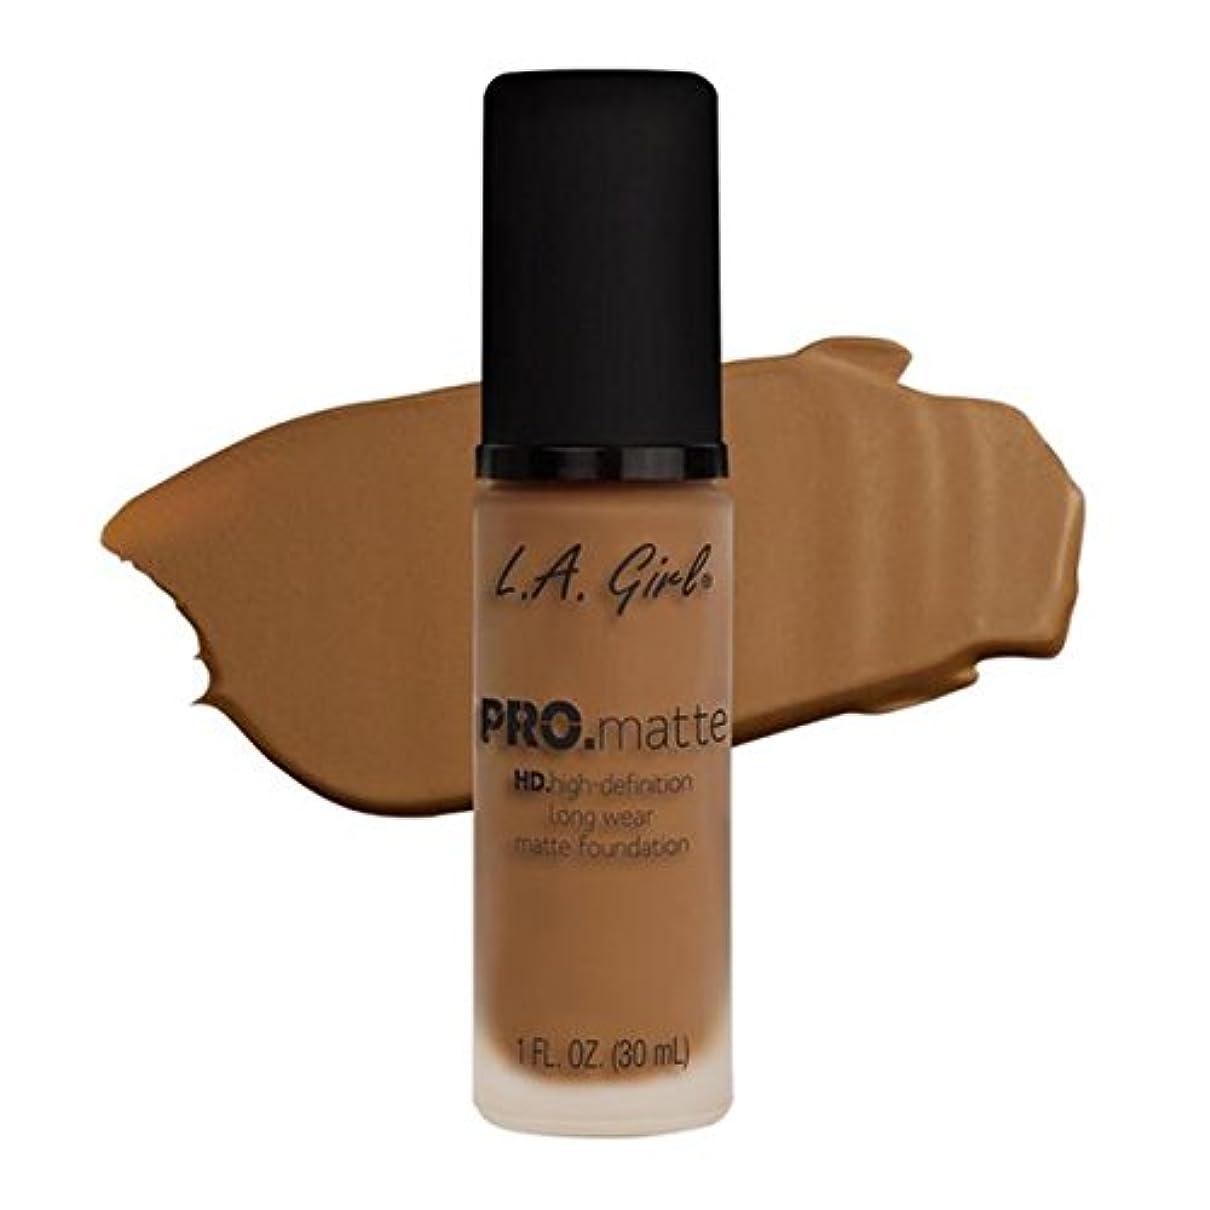 言い訳力めまいがLA Girl PRO.mattte HD.high-definition long wear matte foundation (GLM682 Cafe)